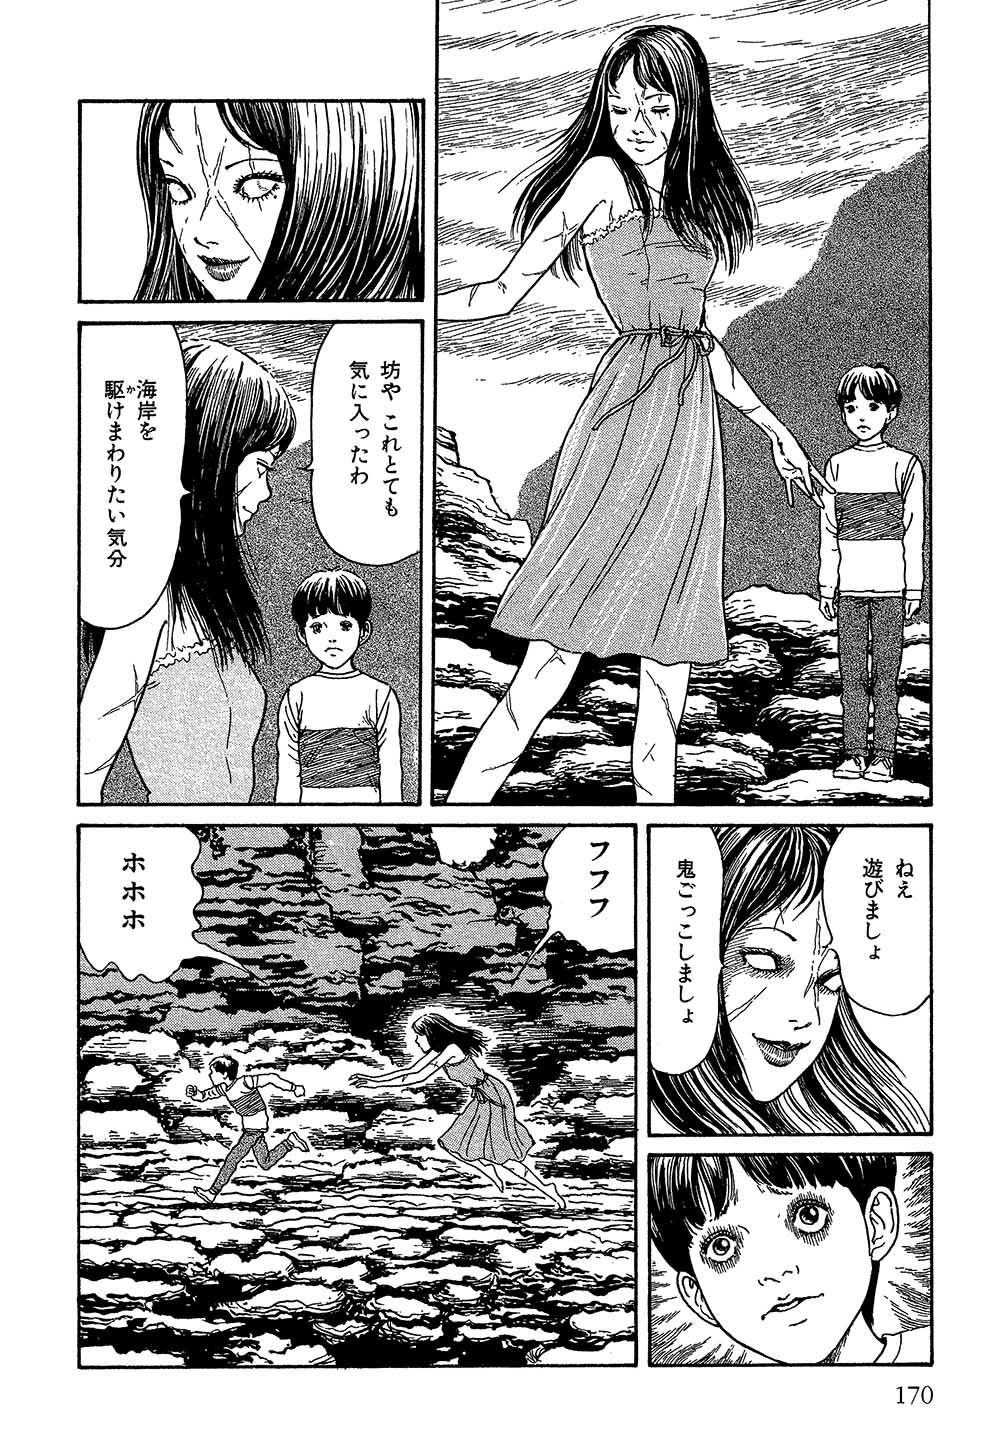 itouj_0002_0172.jpg